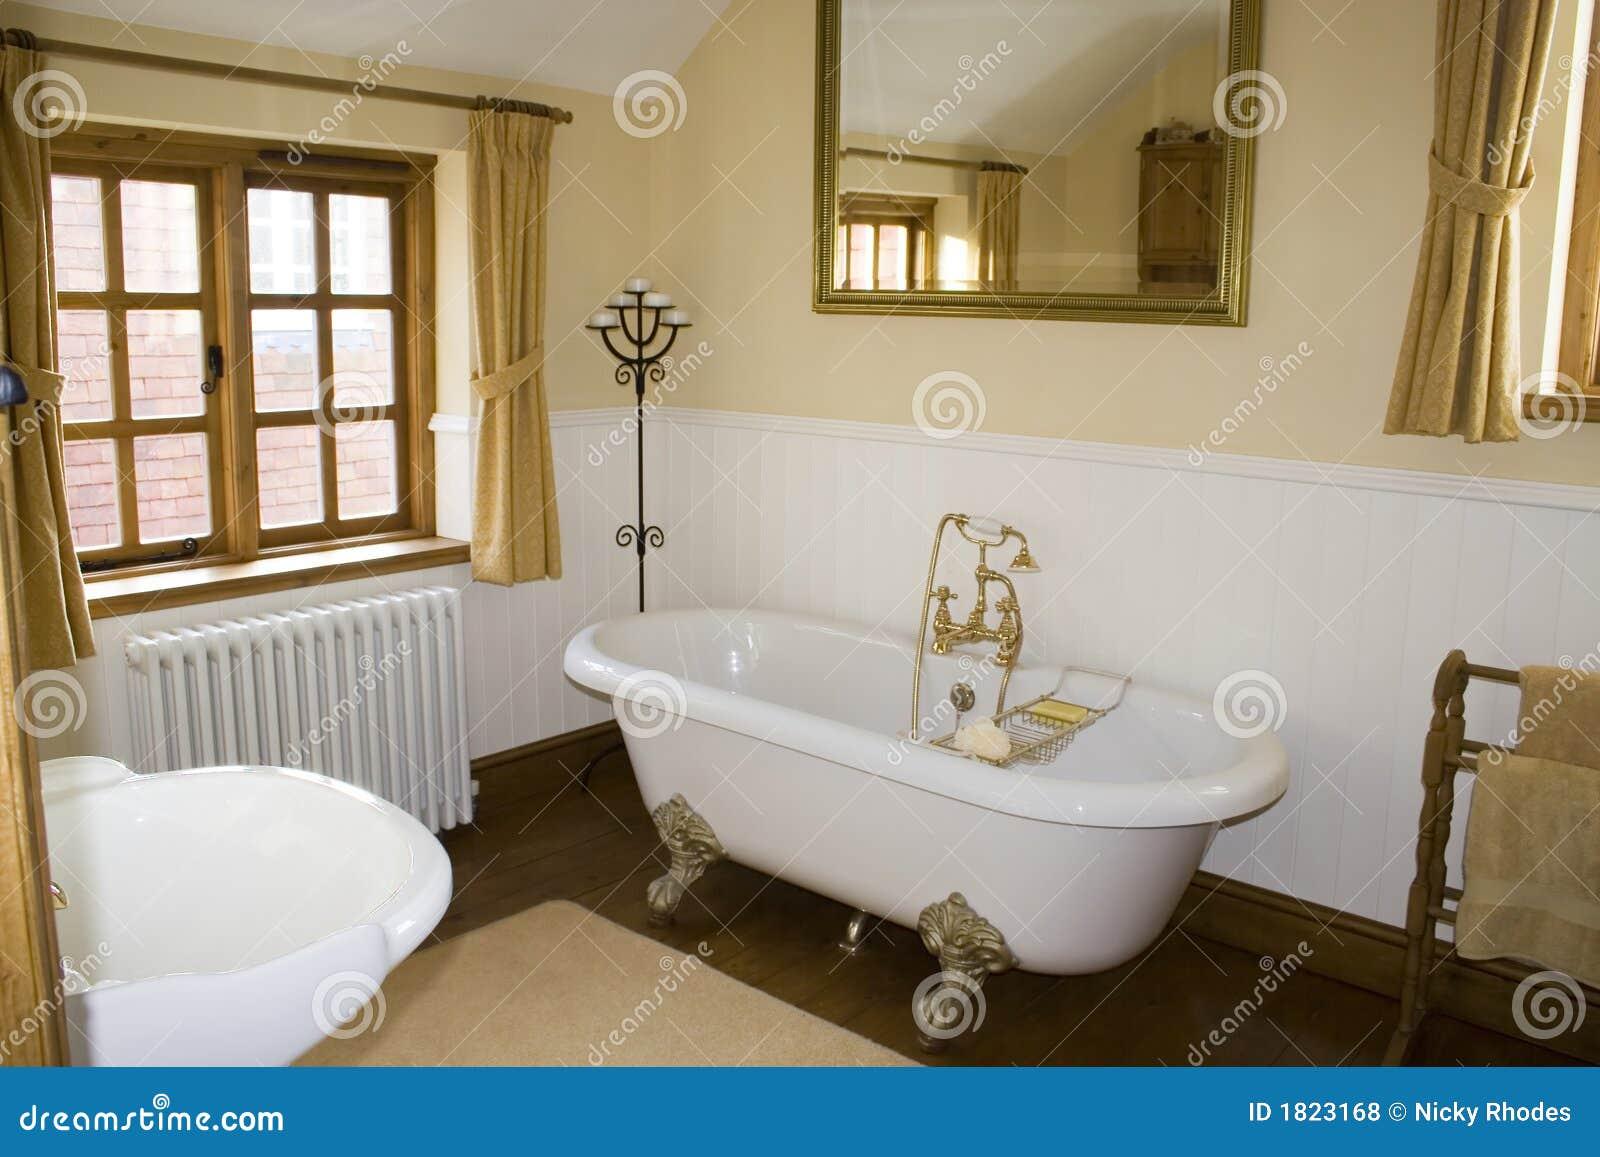 Una Vasca Da Bagno In Inglese : Vasca da bagno in inglese cheap vasca da bagno in inglese